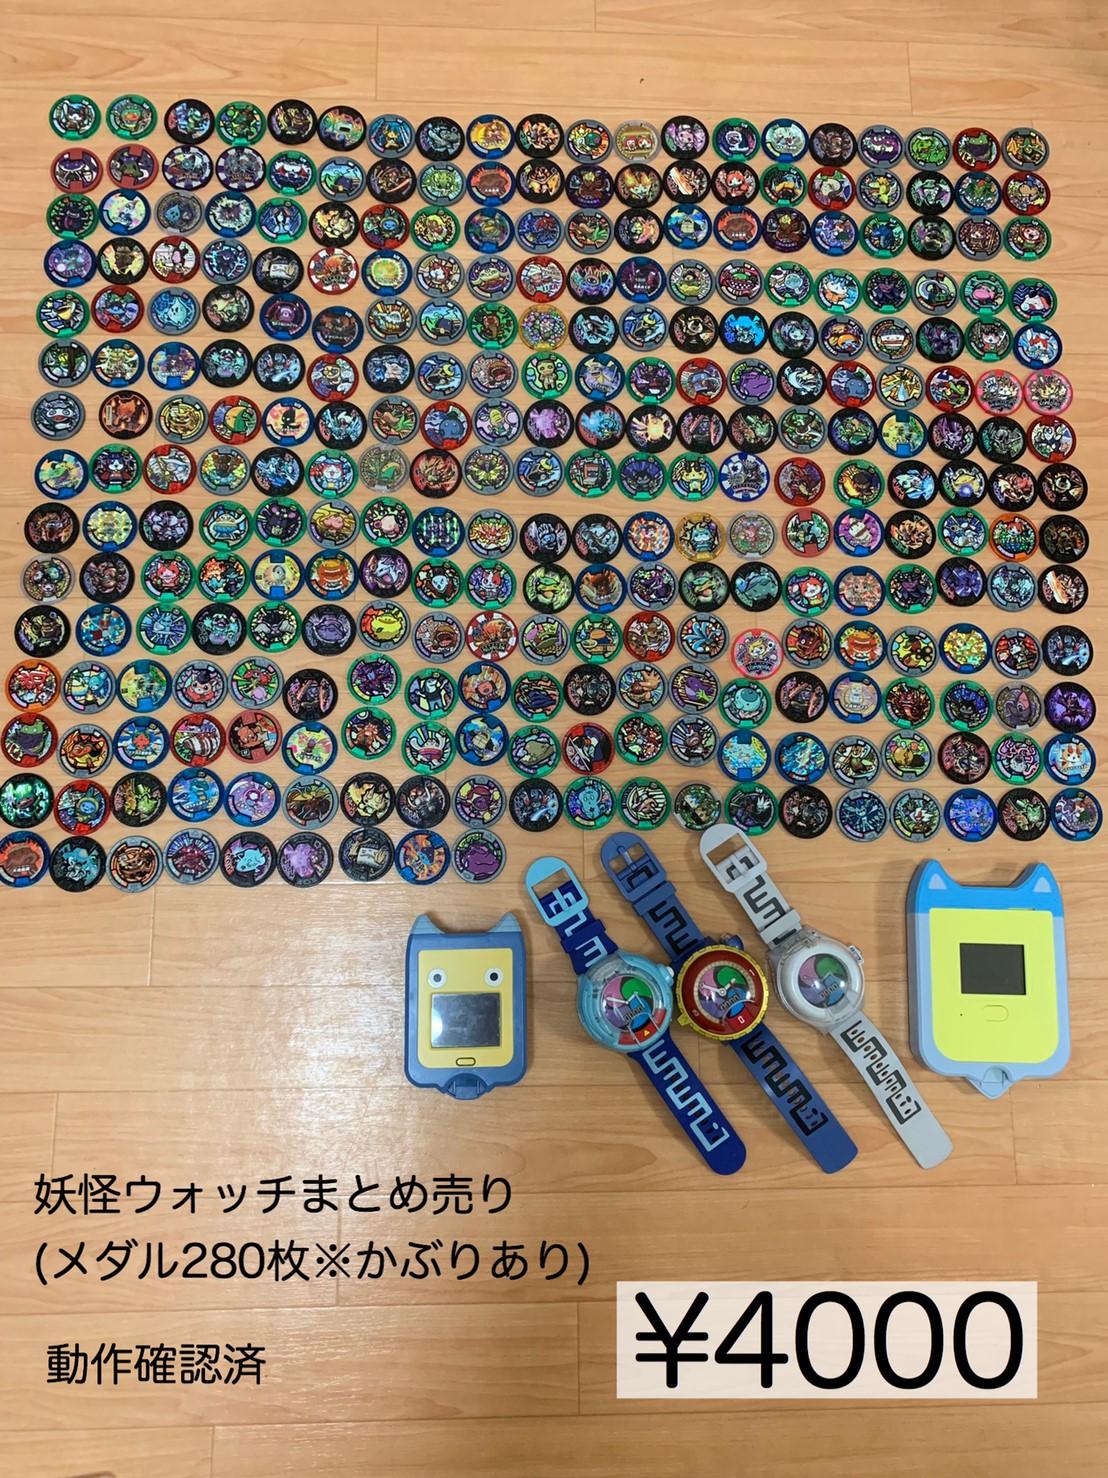 ㉕妖怪ウォッチまとめ売り 4000円